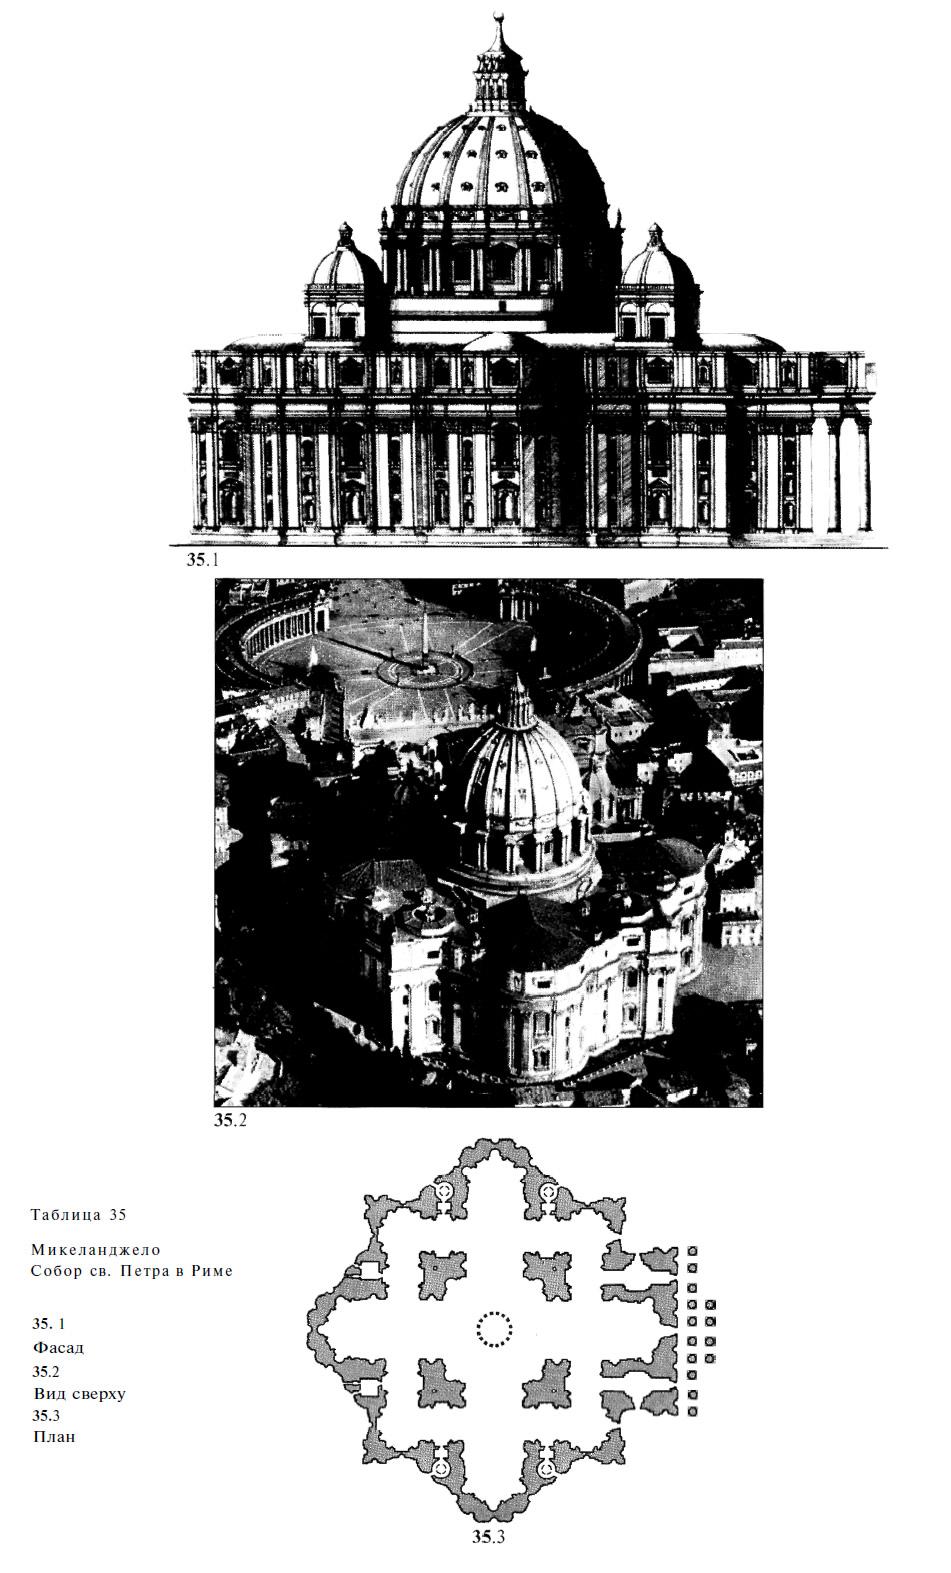 Микеланджело. Собор св. Петра в Риме